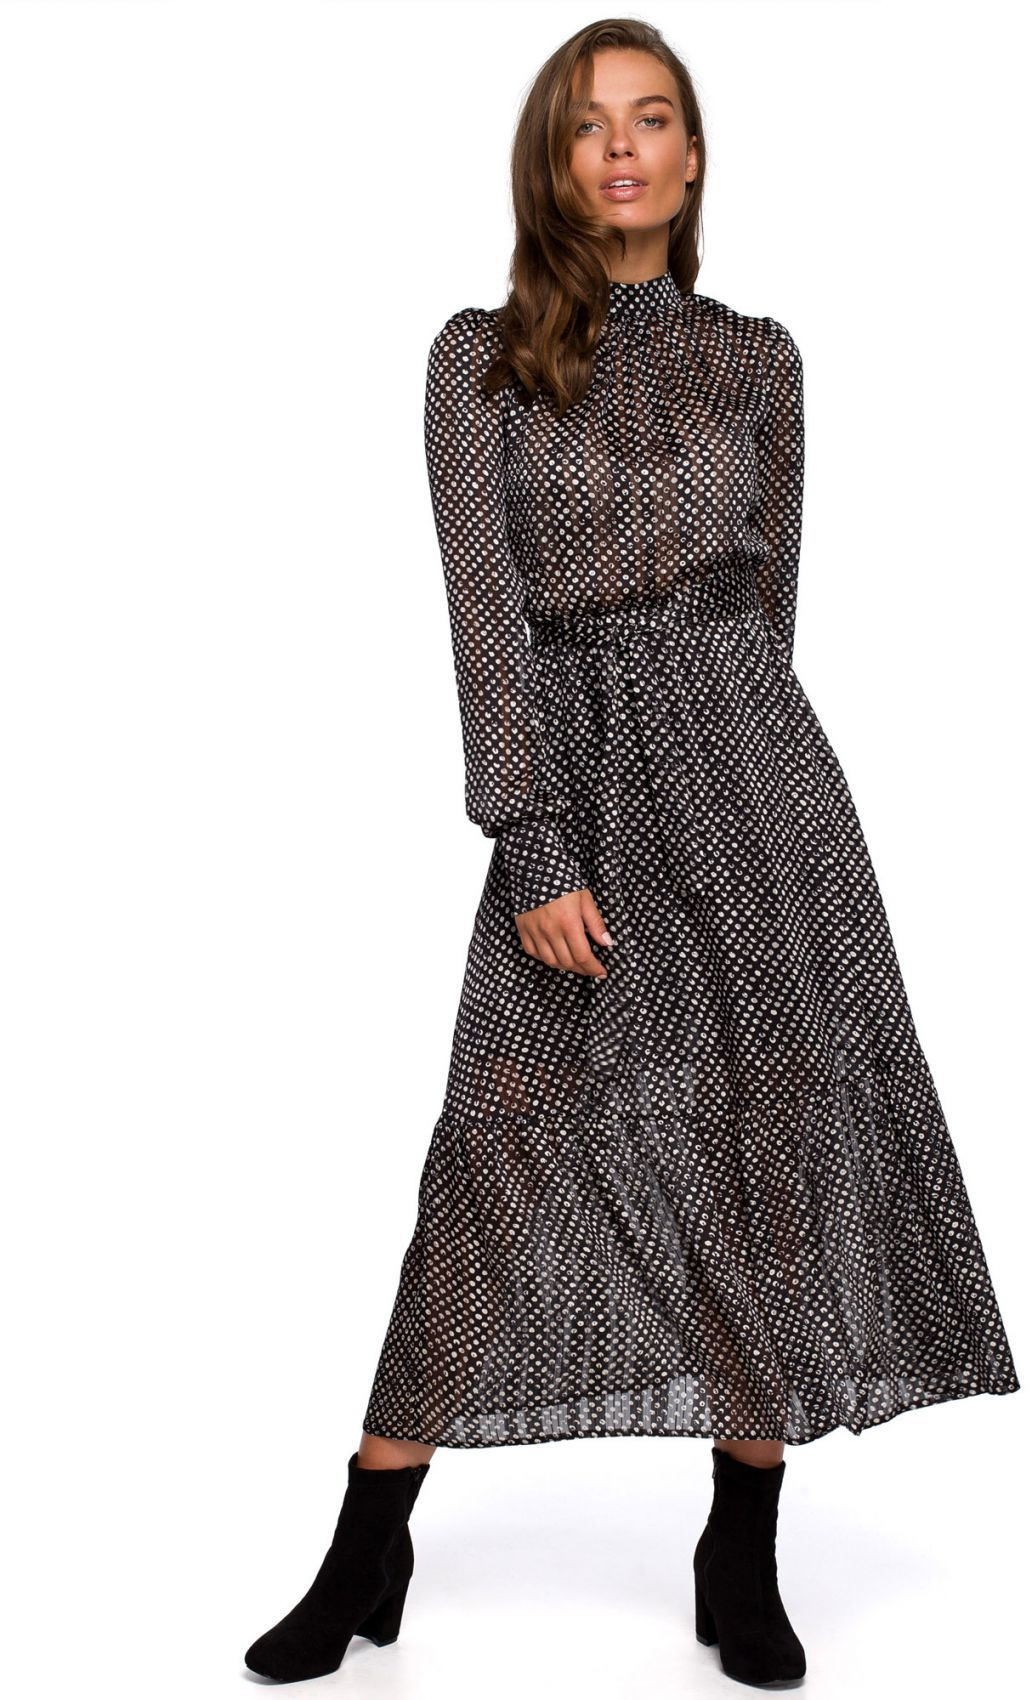 S238 Sukienka midi szyfonowa w groszki - model 1